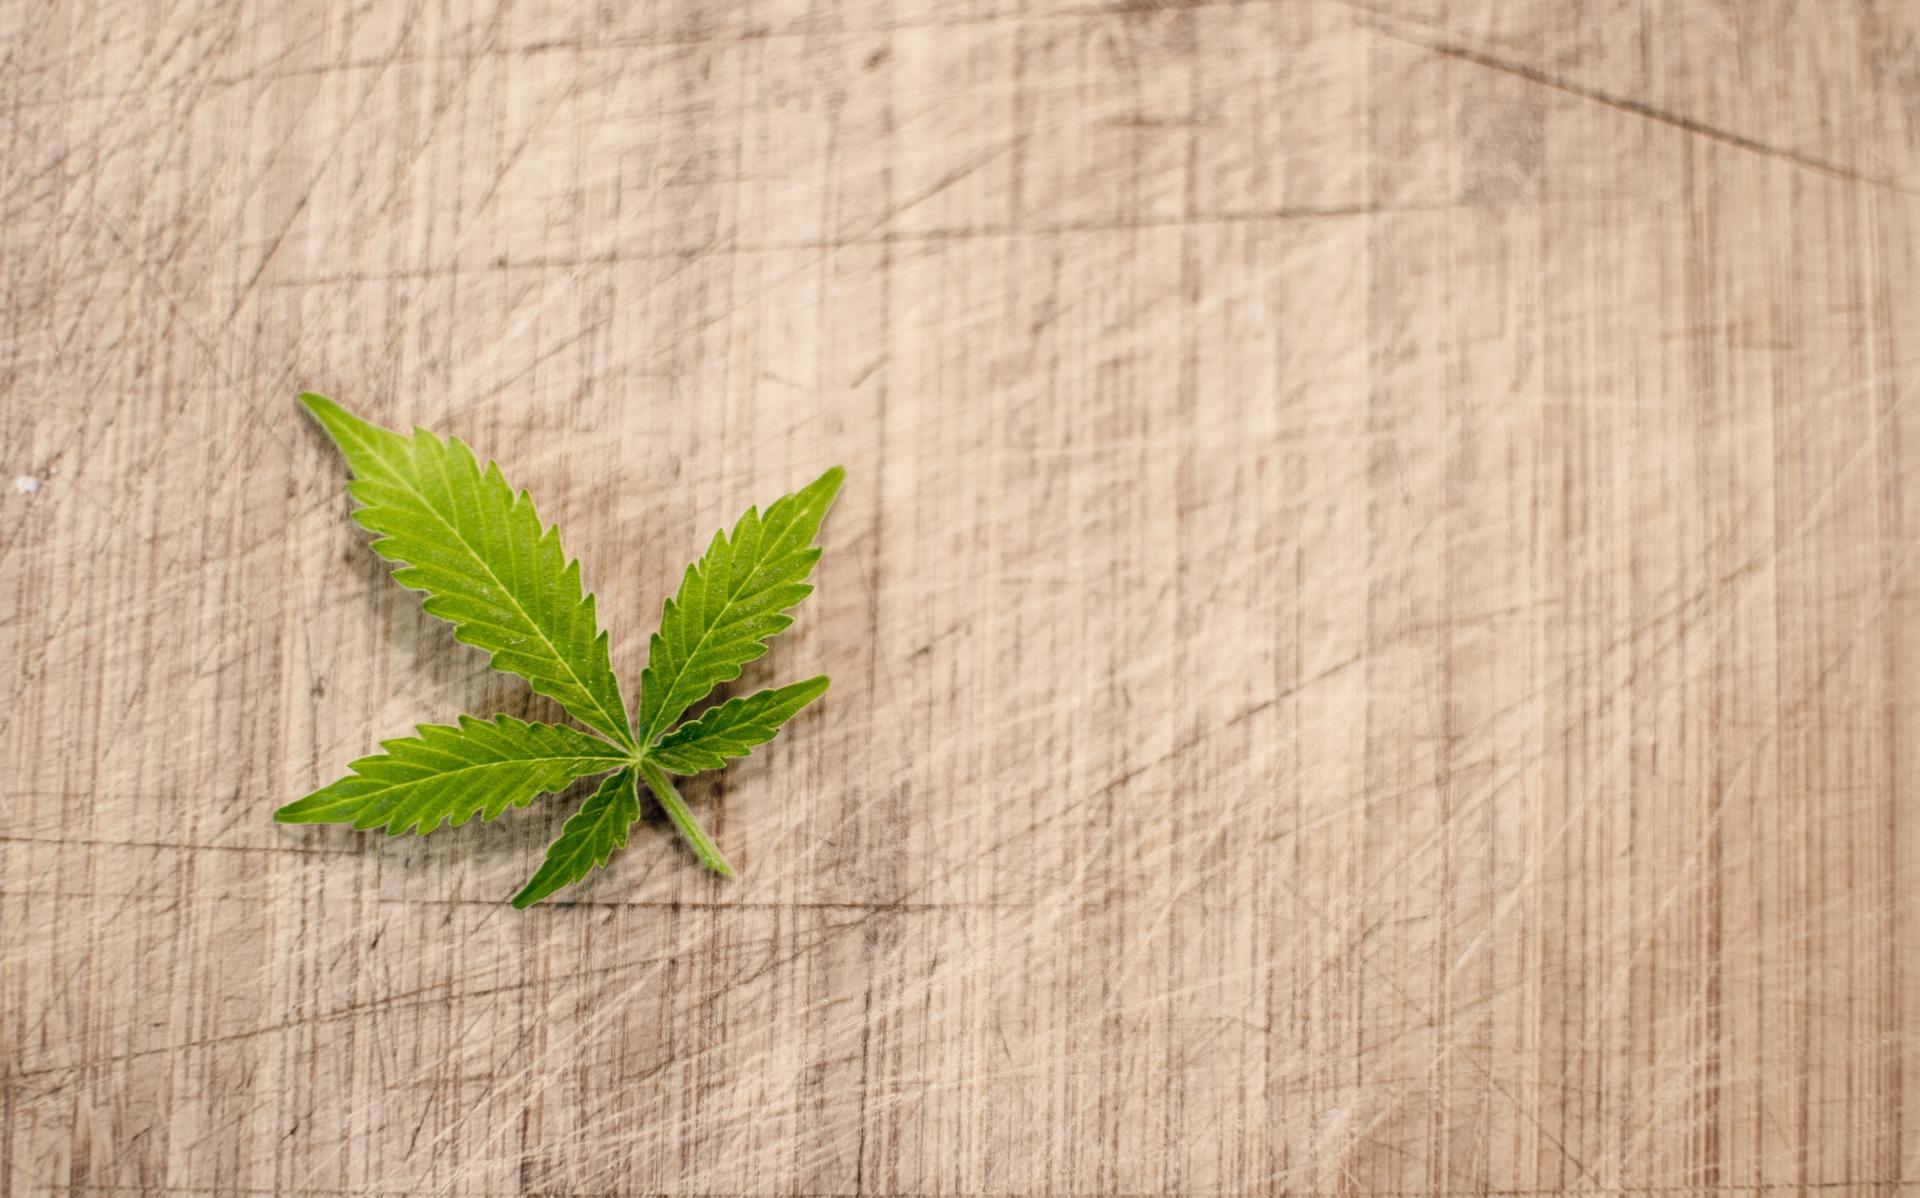 Sanità: farmaci cannabinoidi, giunta approva nuova delibera per prescrizione e dispensazione